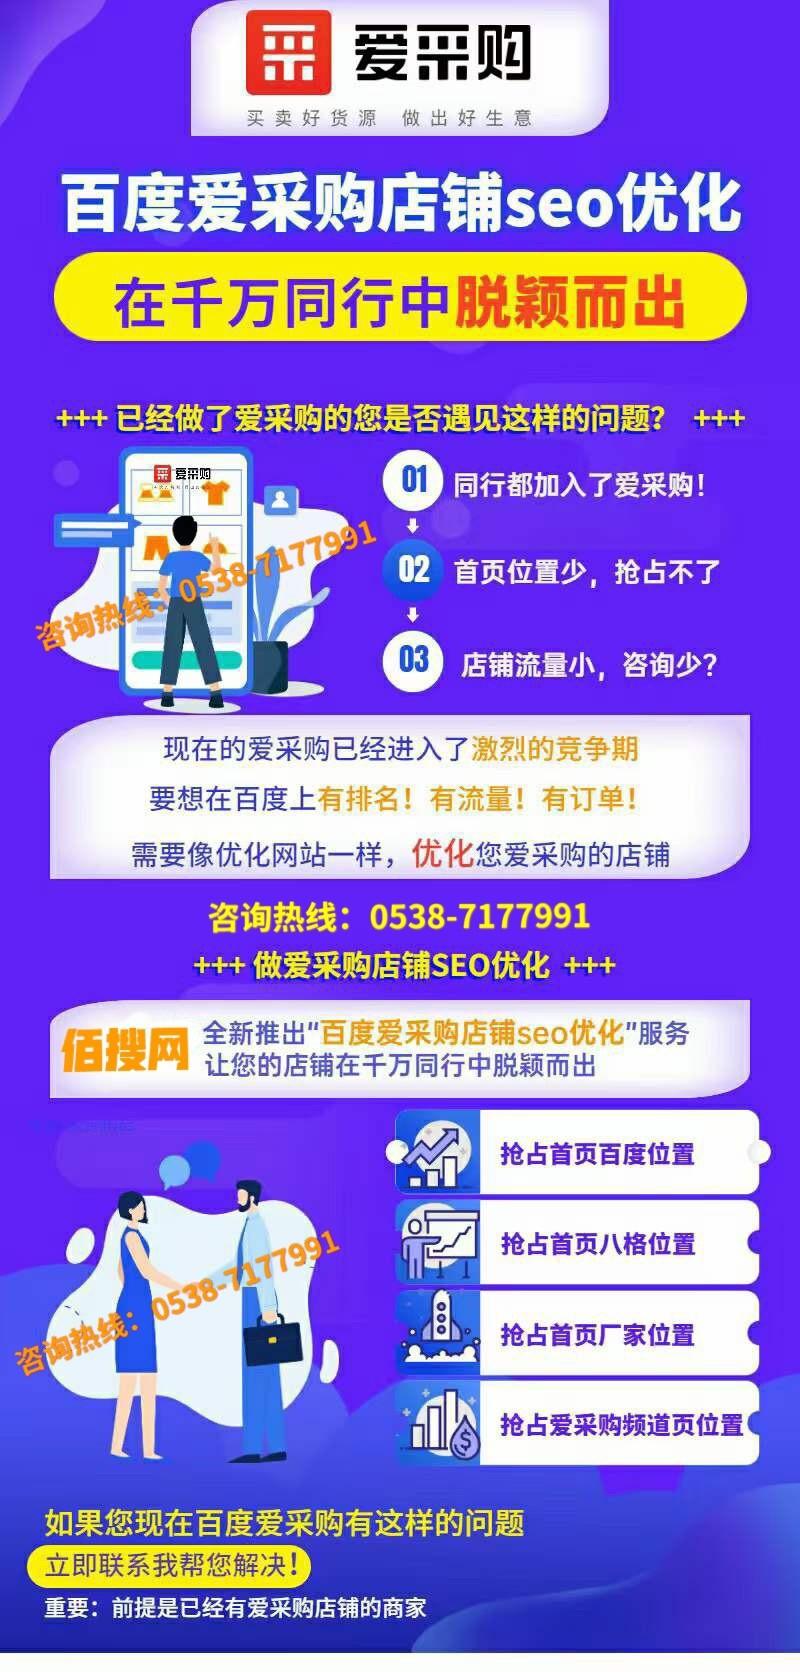 米乐体育官网app下载网络推广电话